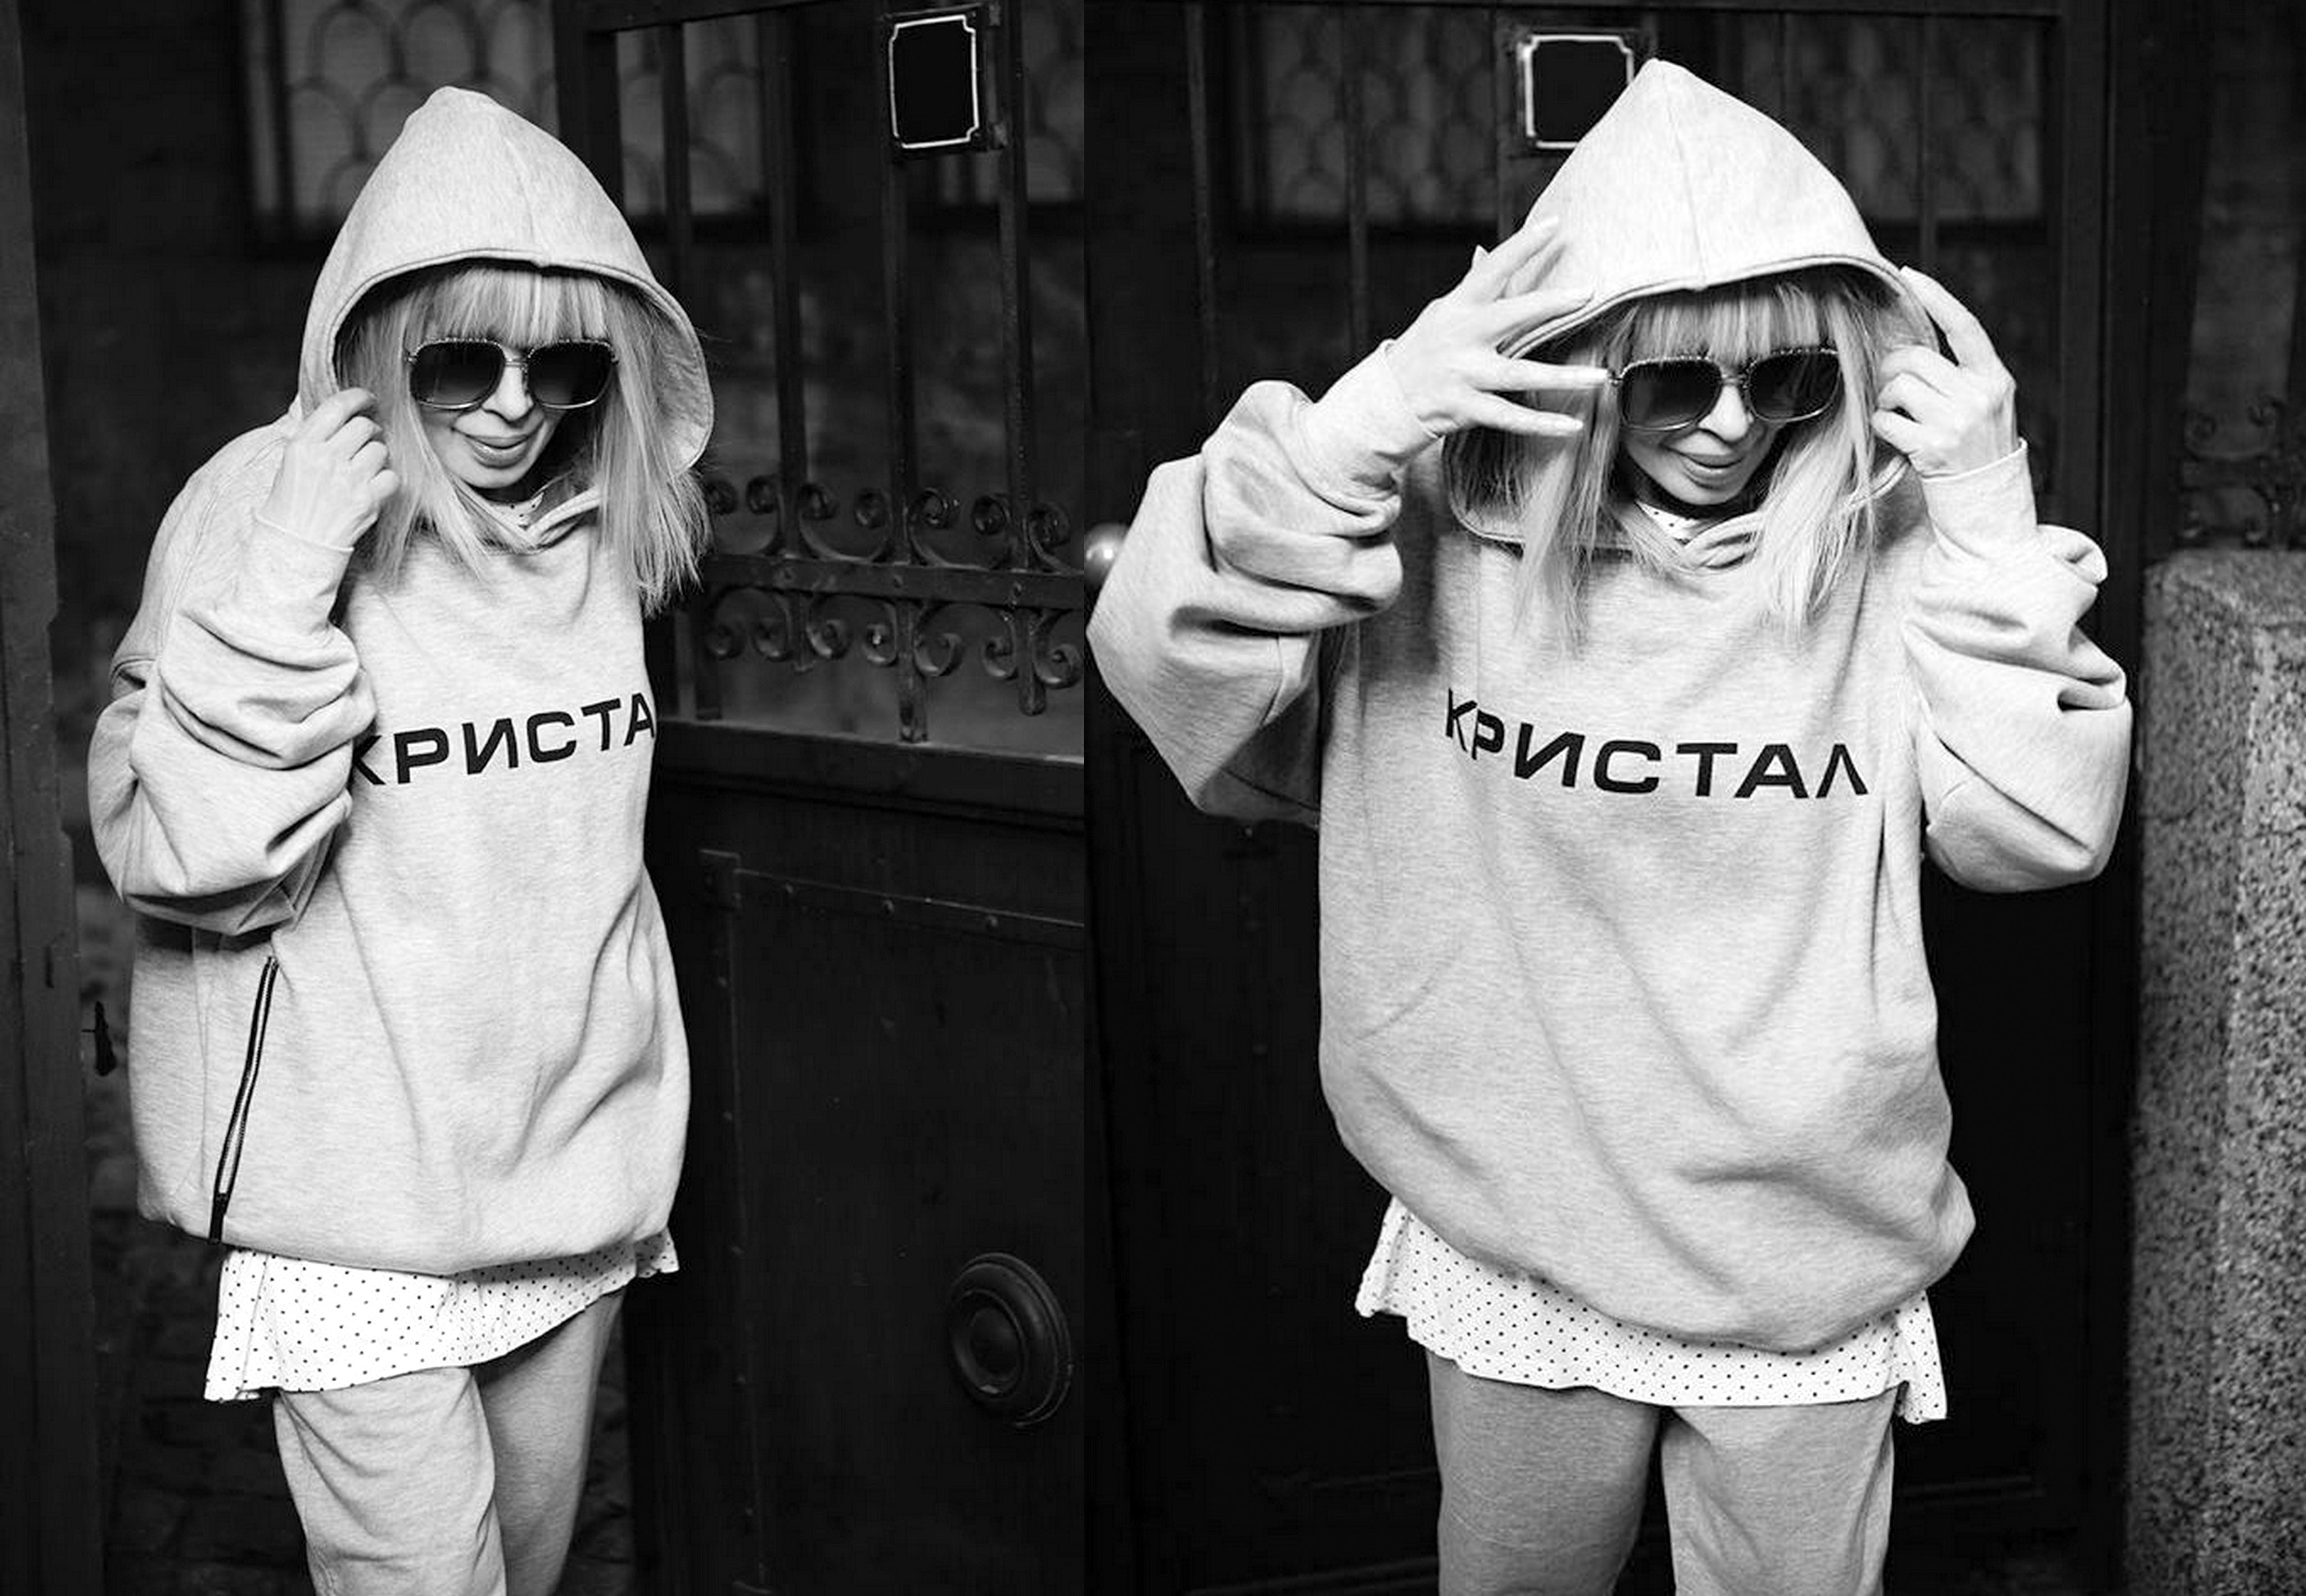 """Новият бранд """"Кристал"""" и градският стил, който Лили Иванова хареса"""